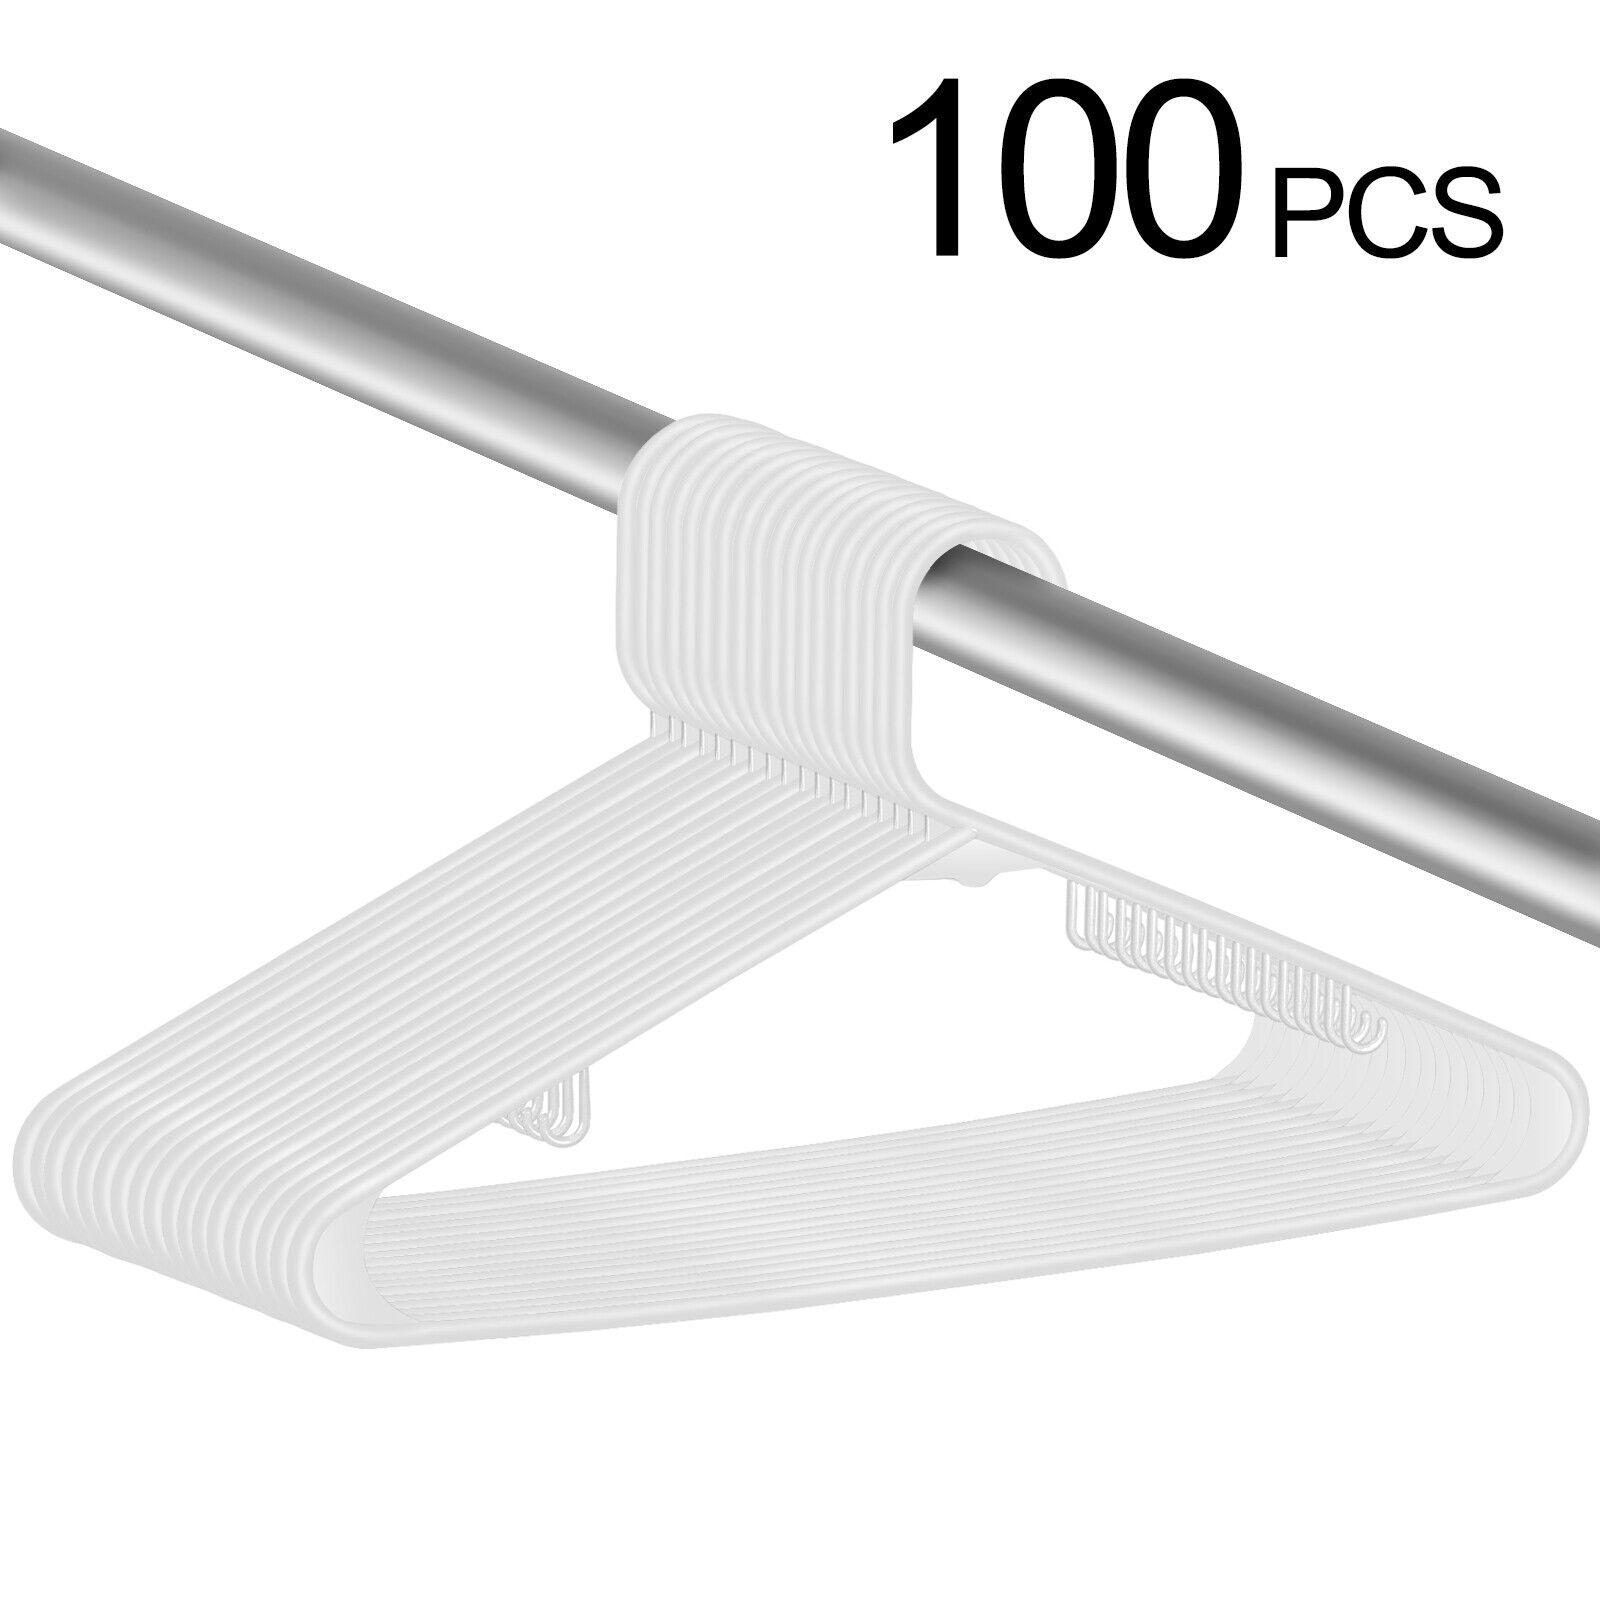 100X Plastic Suit Hangers Durable Clothes Sun-top Hanger Space Saving, White Clothes Hangers